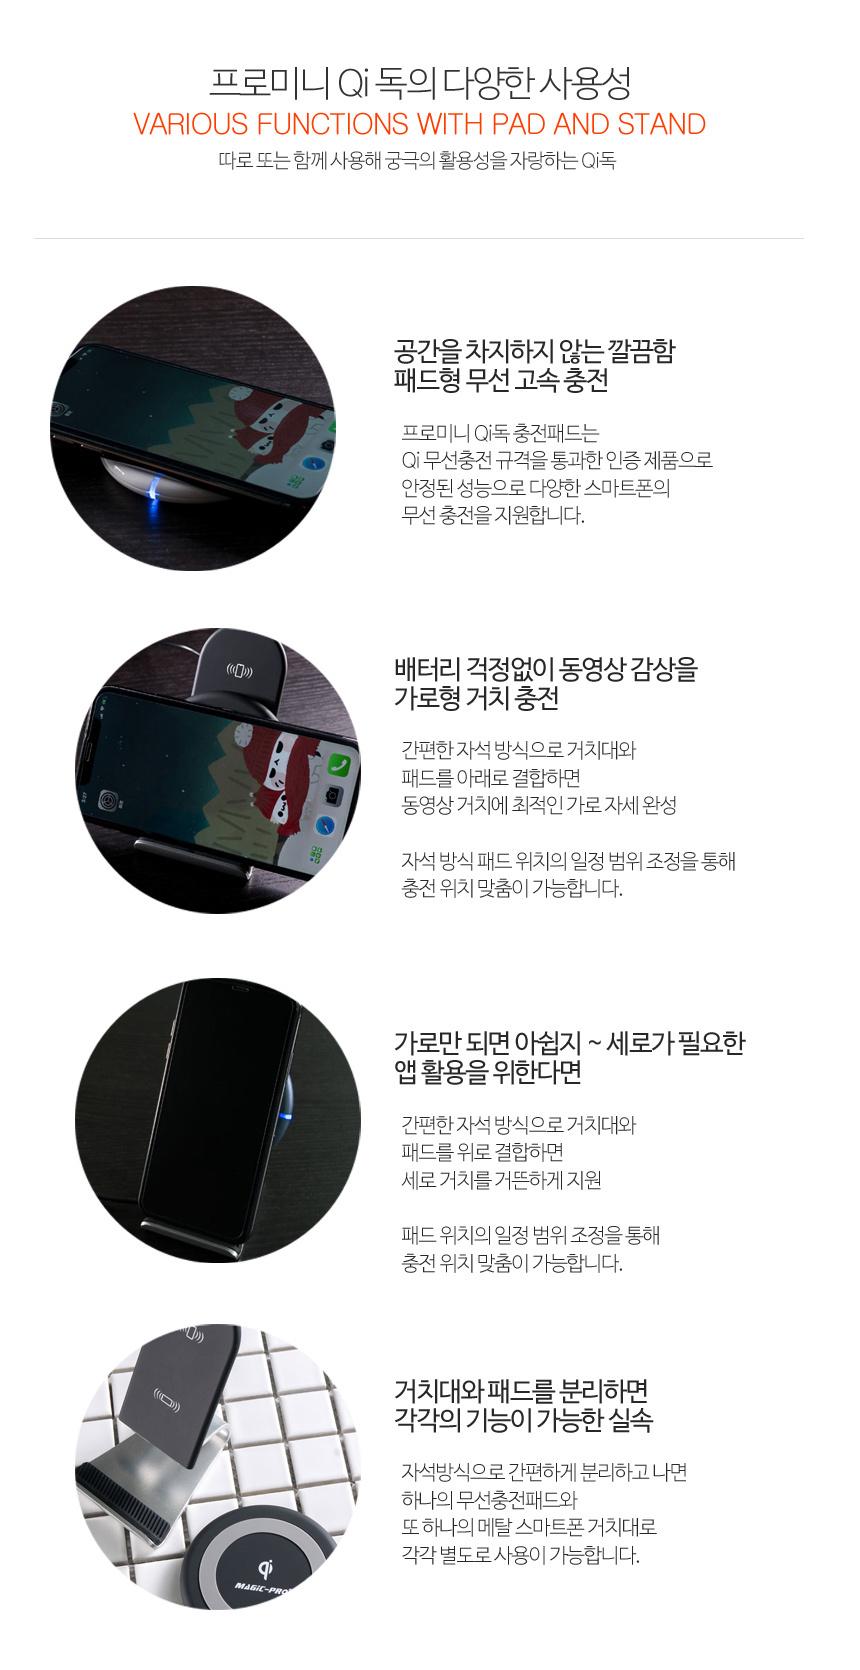 프로미니 Qi인증 3WAY Qi독 고속 무선충전기 - 프로미니, 45,000원, 충전기, 무선충전기/패치